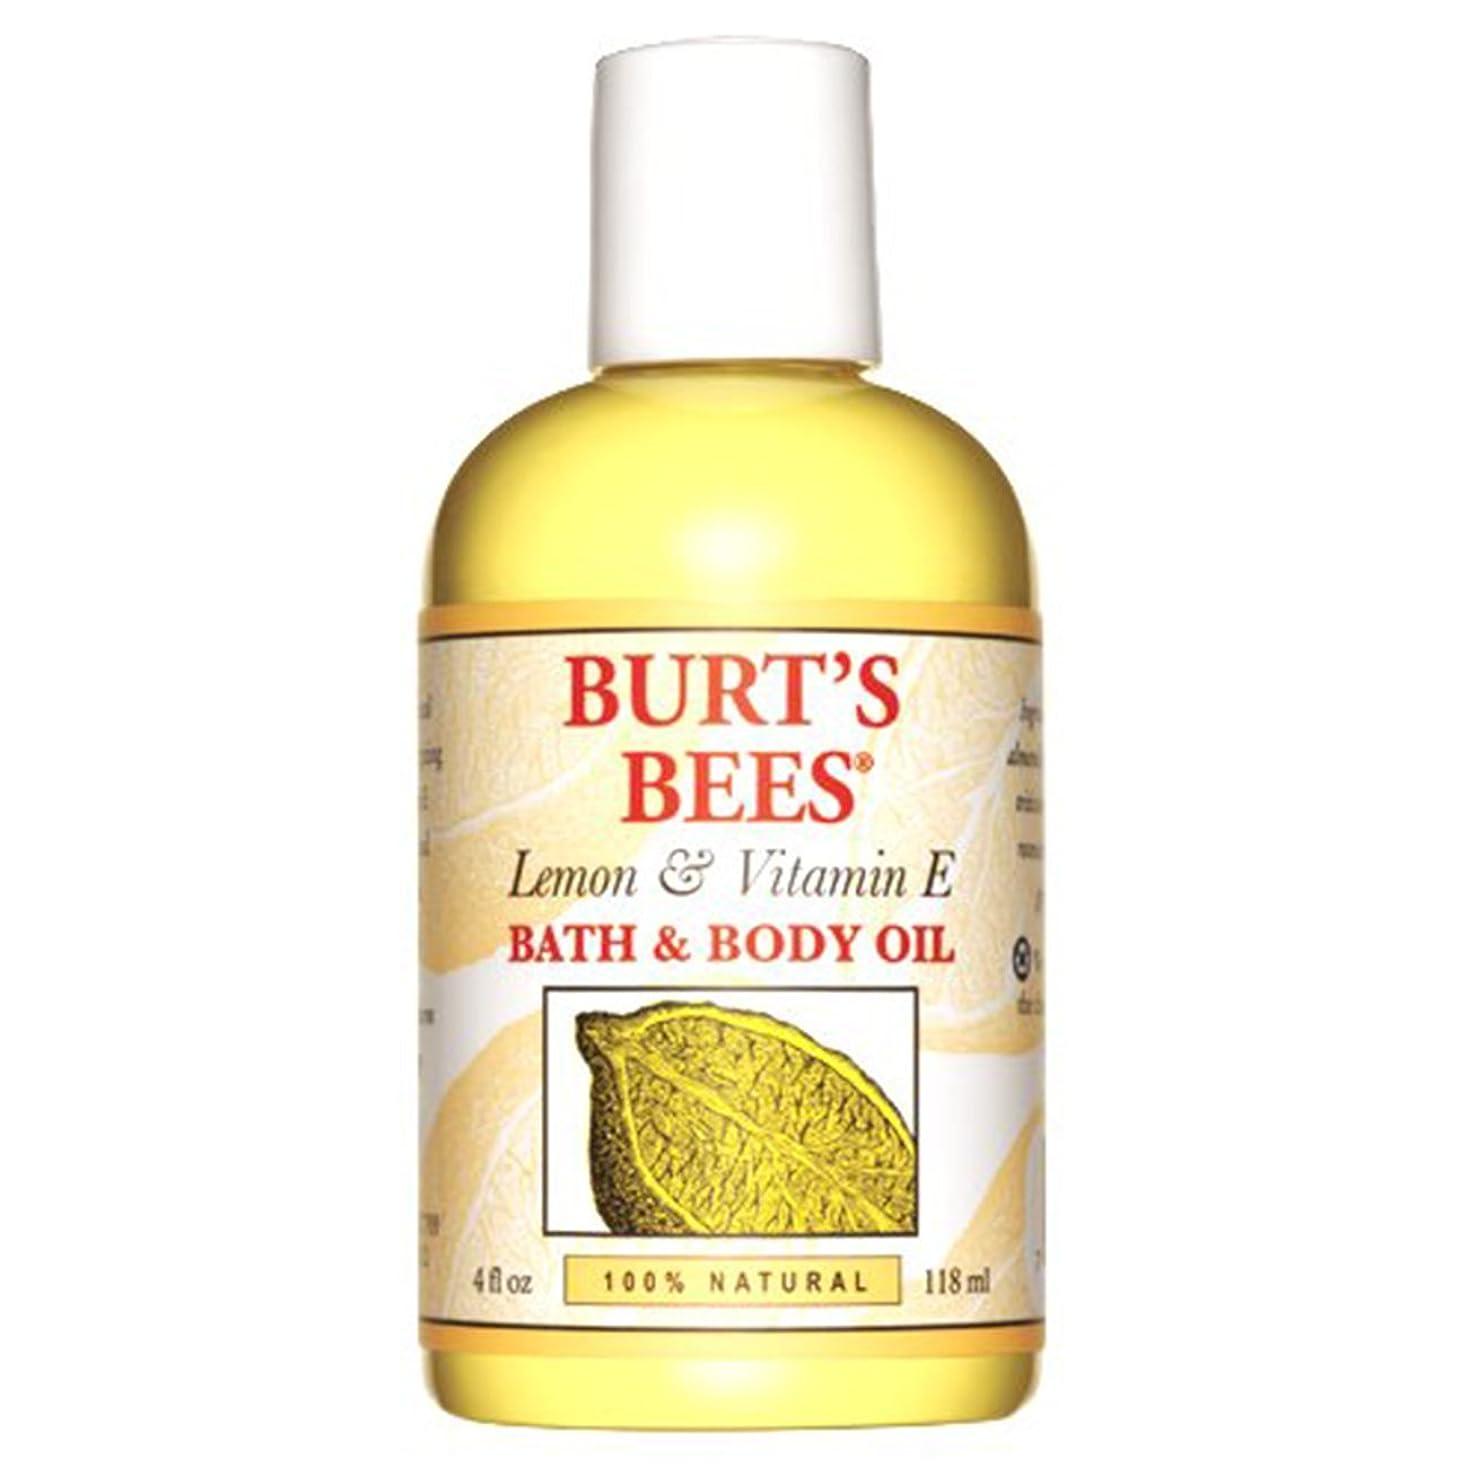 シーズン見通し飲み込むバーツビーズ (Burt's Bees) L&E バス&ボディオイル 118ml